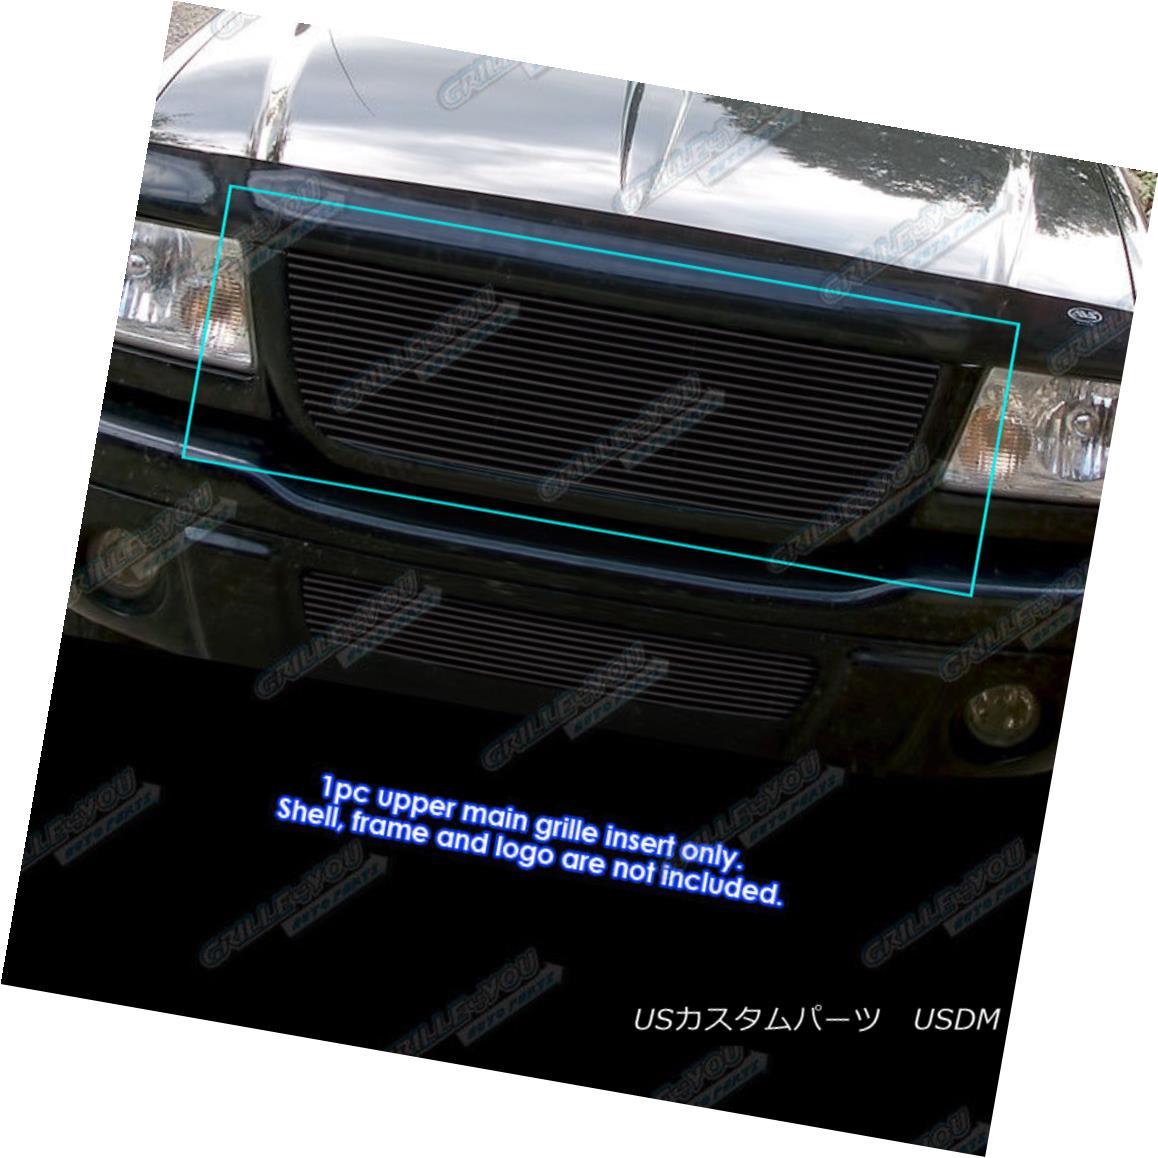 グリル Fits 2001-2003 Ford Ranger Edge/XLT 4WD Black Billet Grille Insert Open Top Only フィット2001-2003フォードレンジャーエッジ/ XLT 4WDブラックビレットグリル挿入トップトップのみ